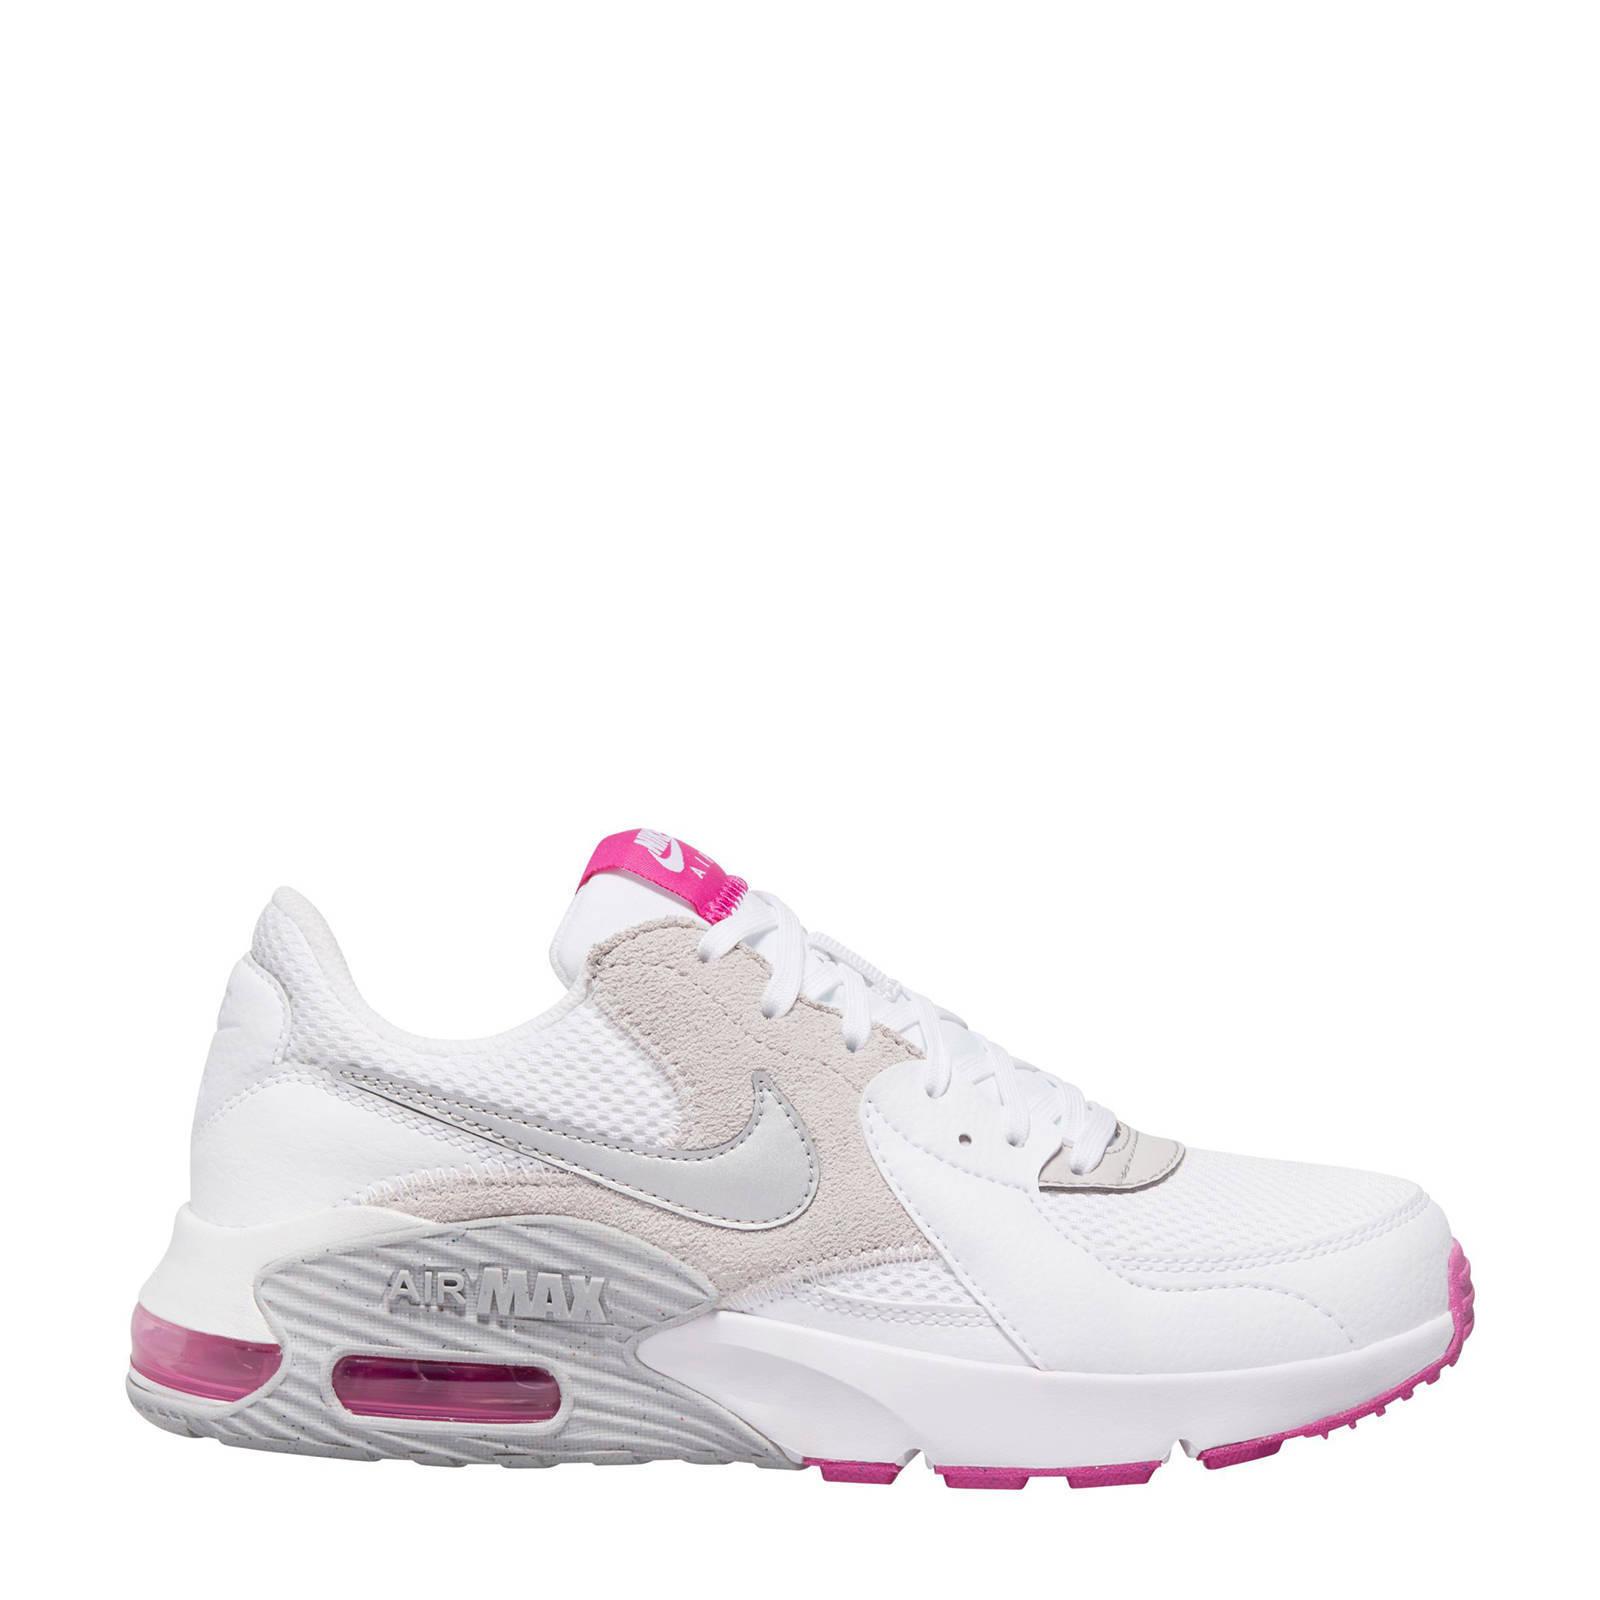 Nike Air Max Excee sneakers wit/roze/grijs   wehkamp